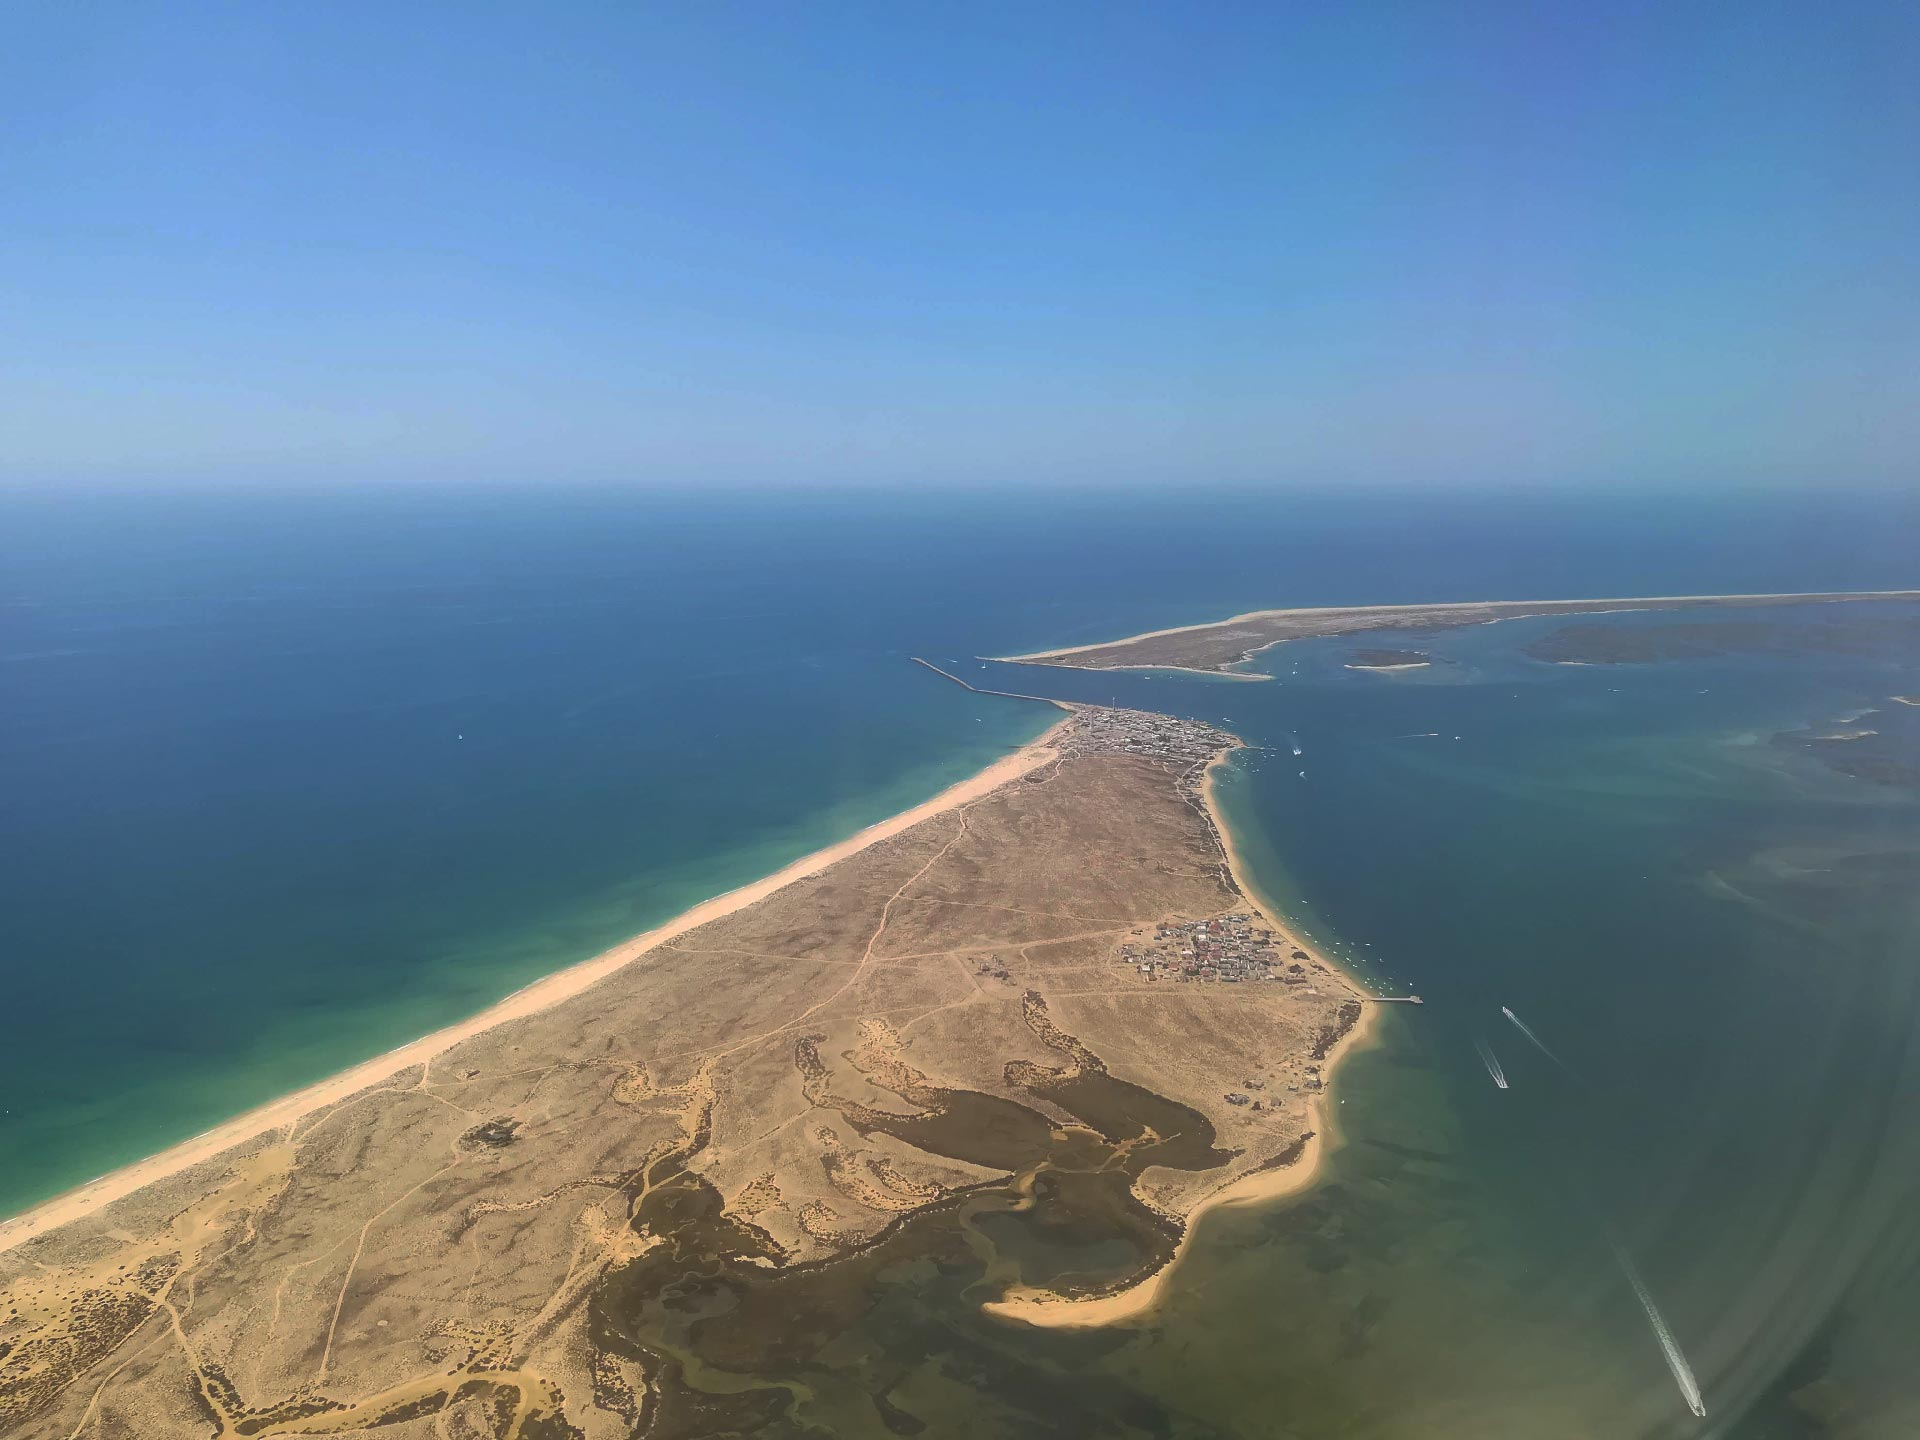 veduta aerea della laguna di Faro, Portogallo